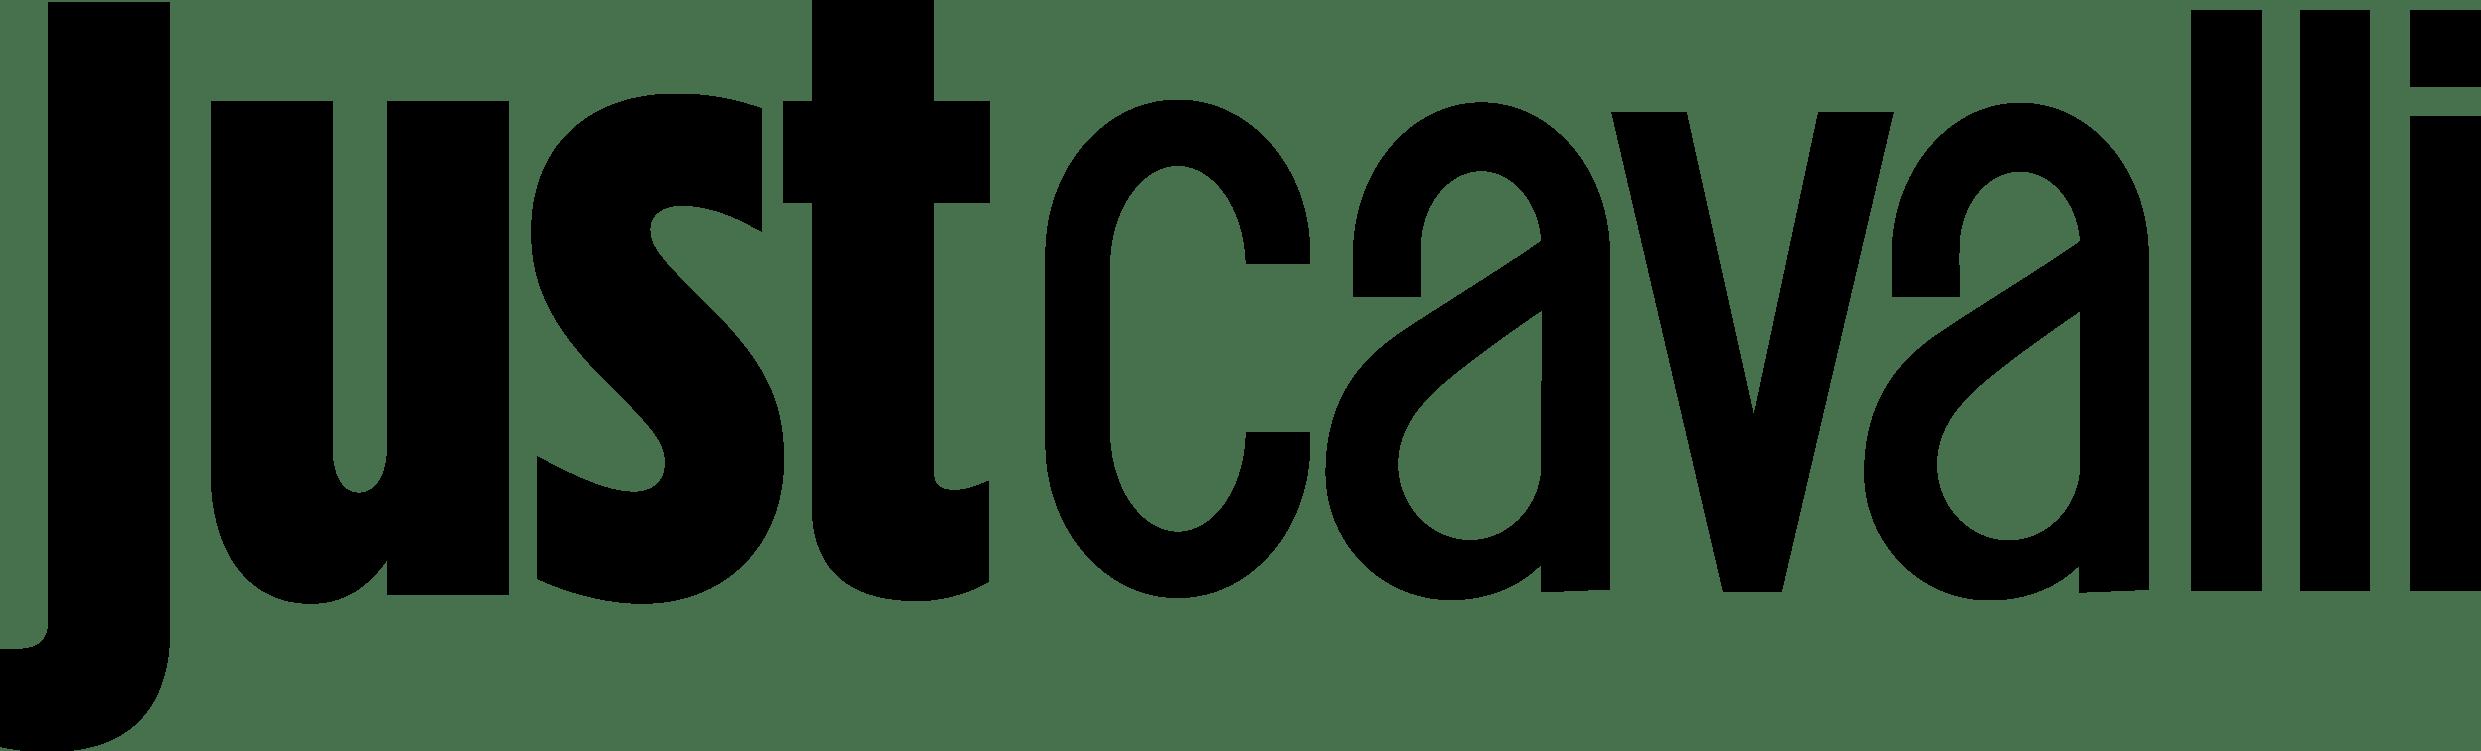 justcavalli_logo